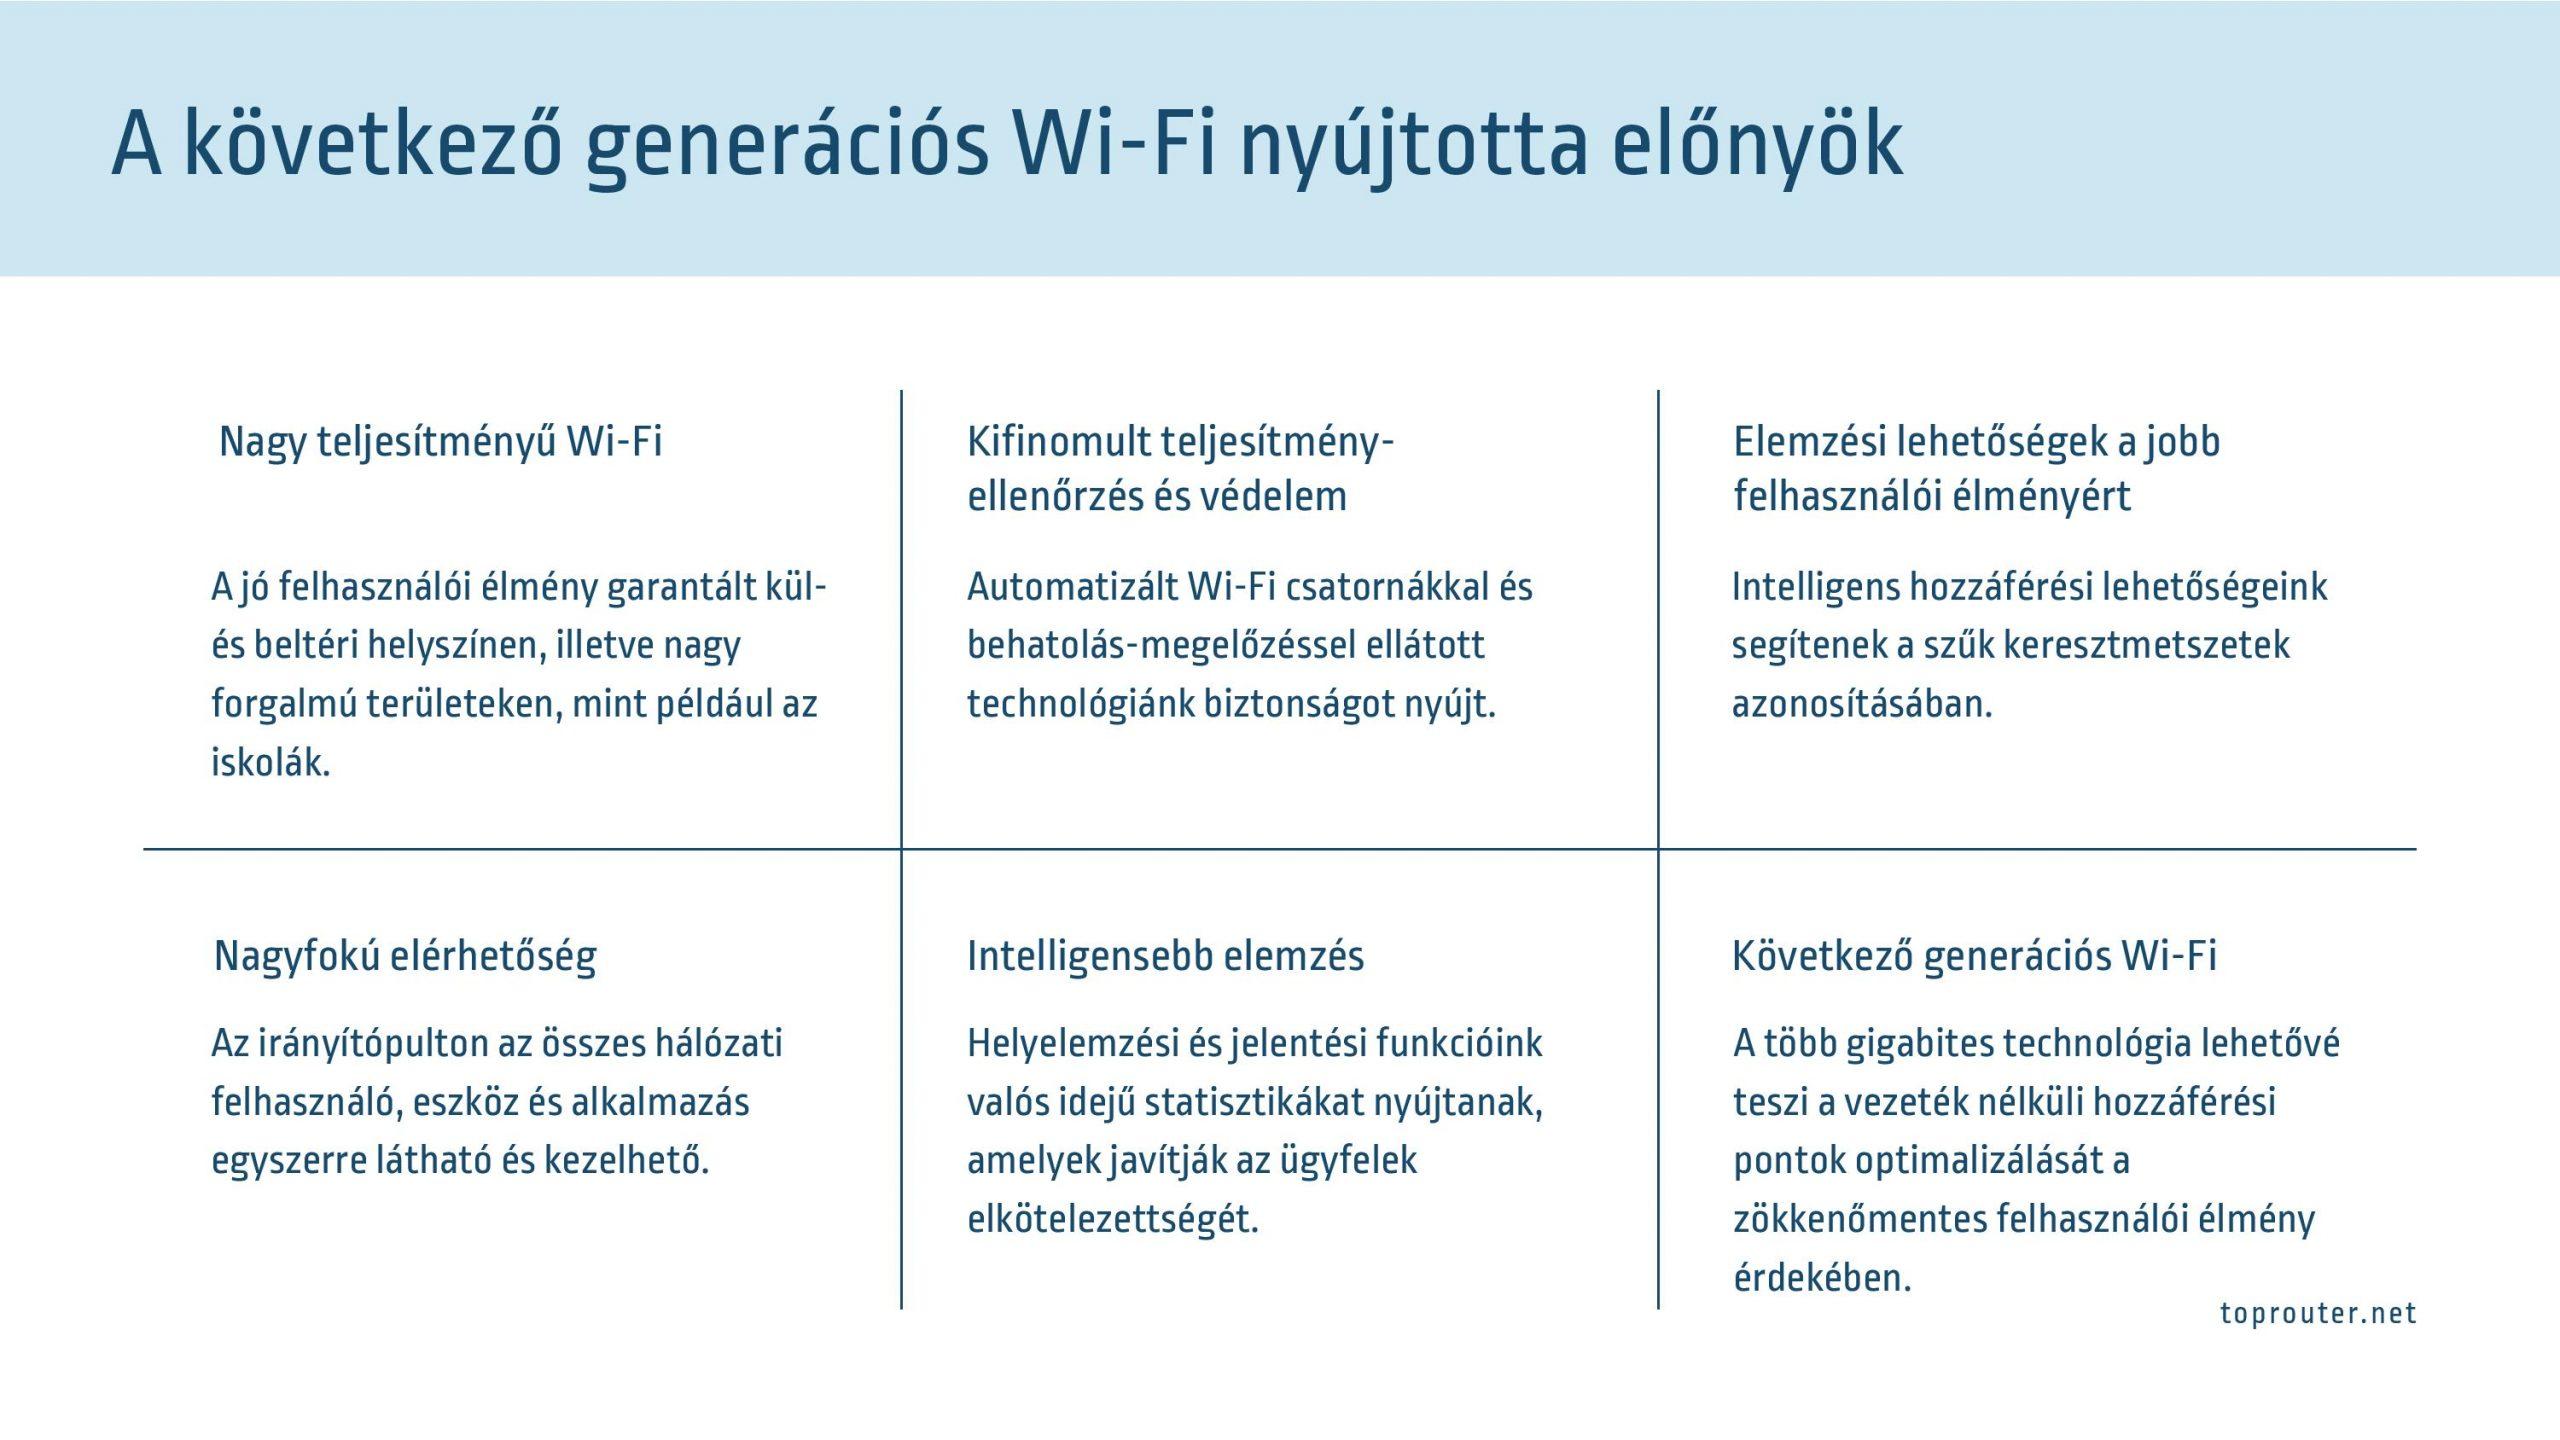 uj generacios wifi elonyok